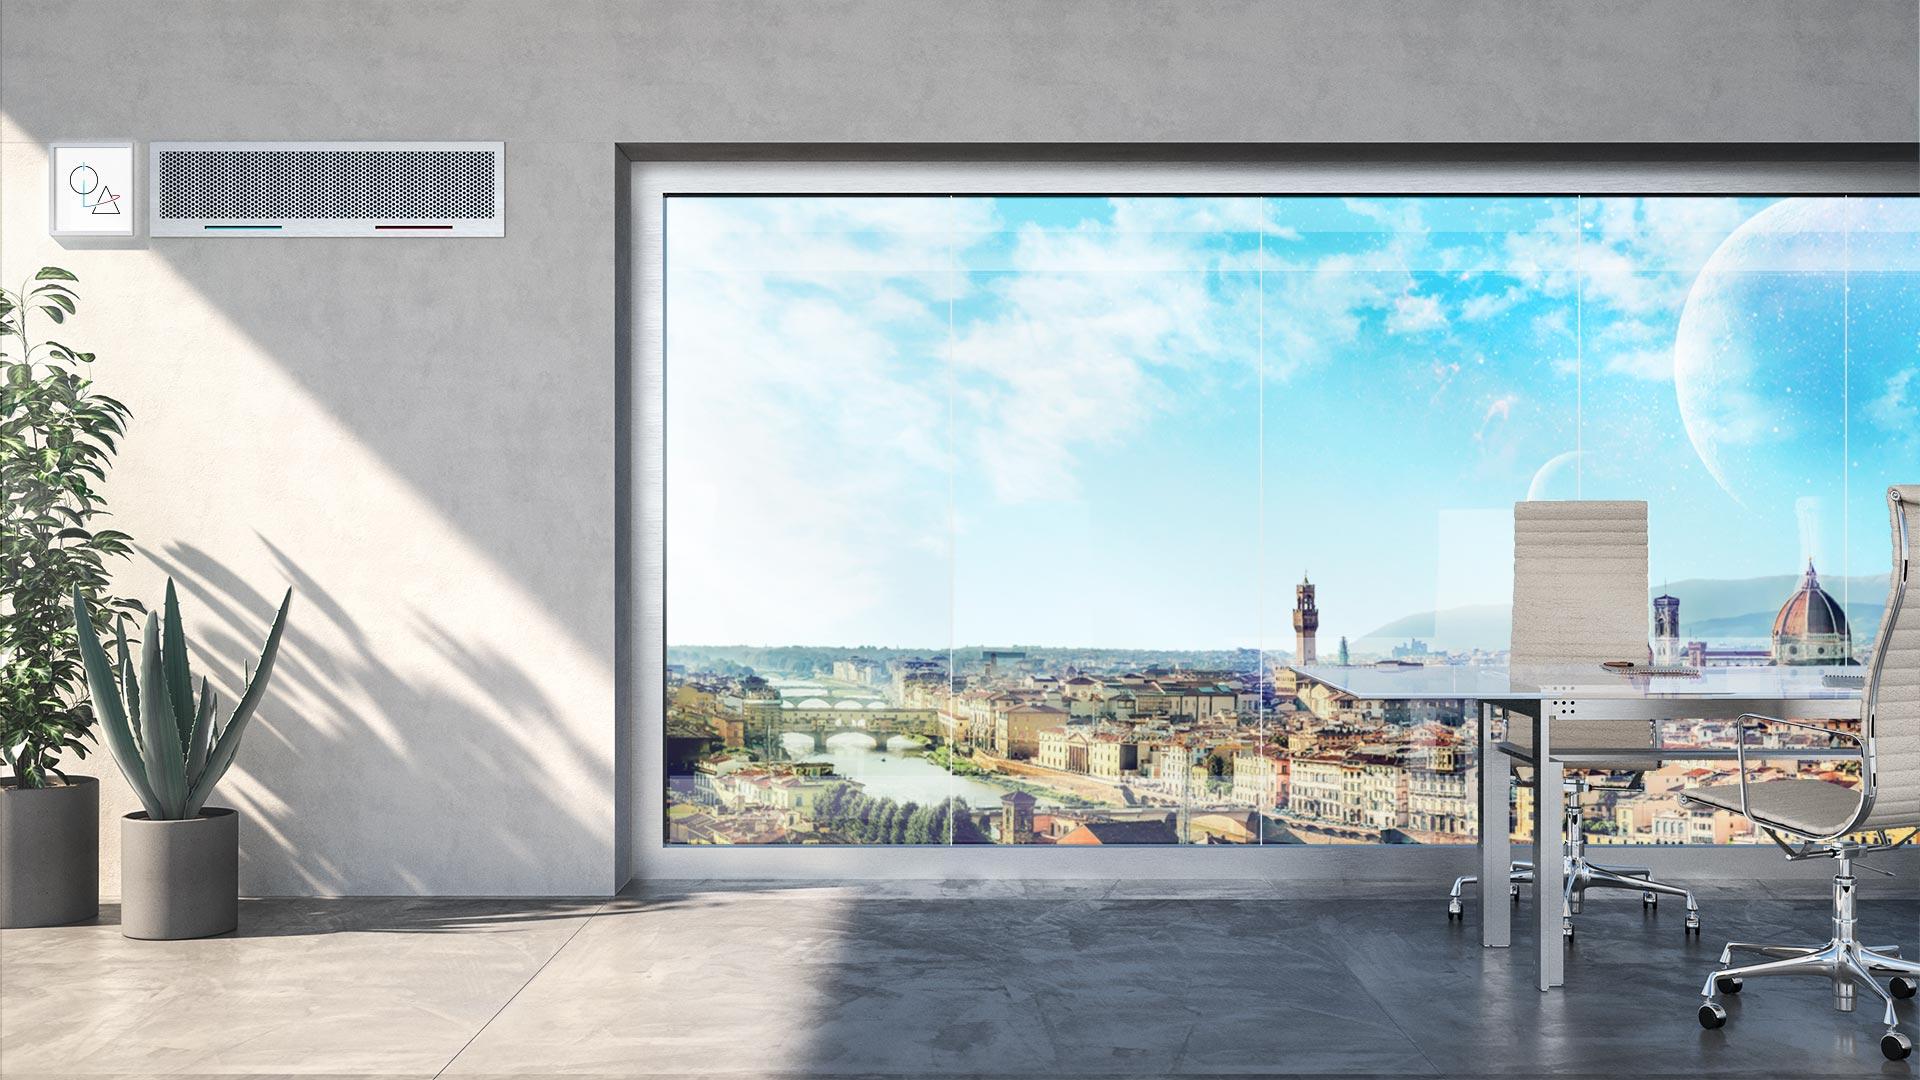 Immagine di una stanza d'ufficio con una finestra su una città del futuro. Nella stanza c'è un climatizzatore per esprimere l'idea della sanificazione attraverso sistemi di areazione e climatizzazione.